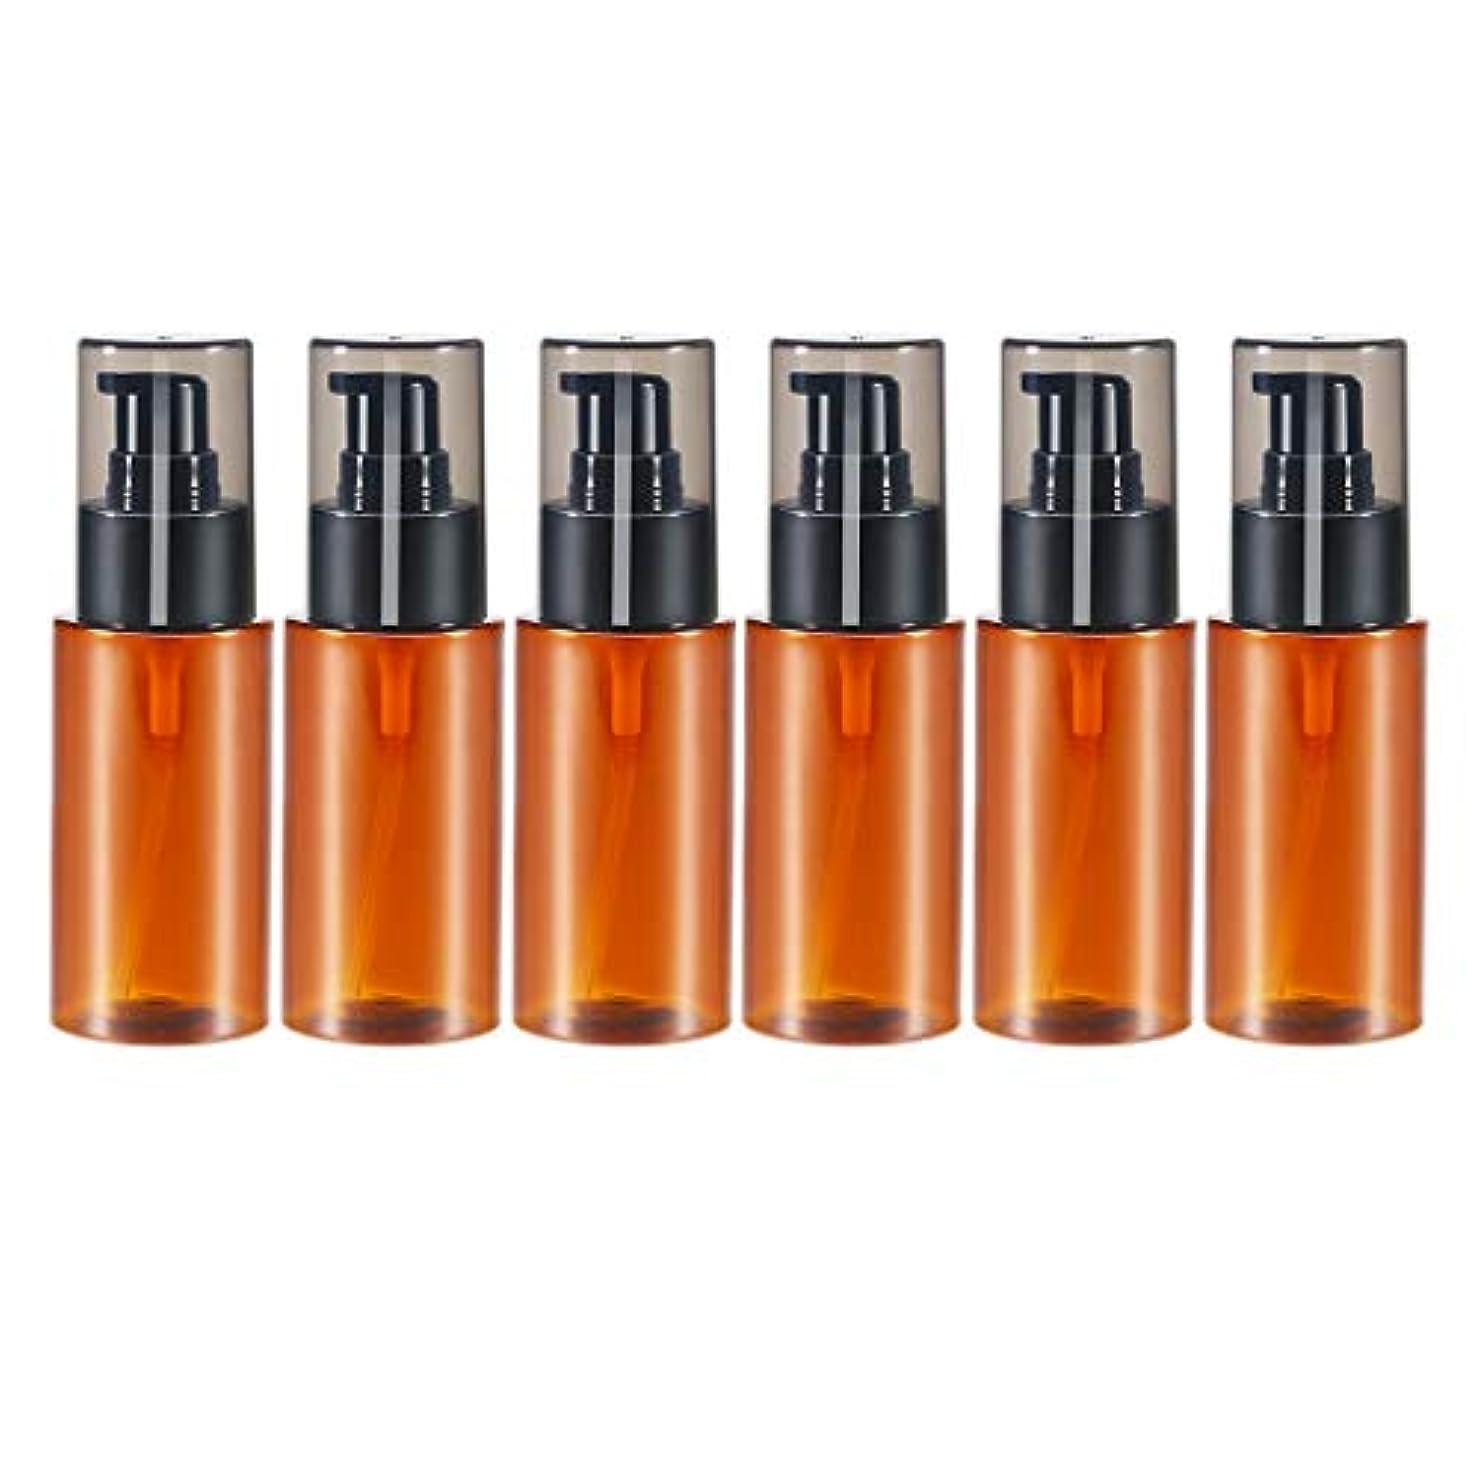 錆び枯渇超えてHellery スプレーボトル 60ml 6本 アロマオイル 精油 香水やアロマの保存 小分け用 保存 詰替え 全2色 - 褐色